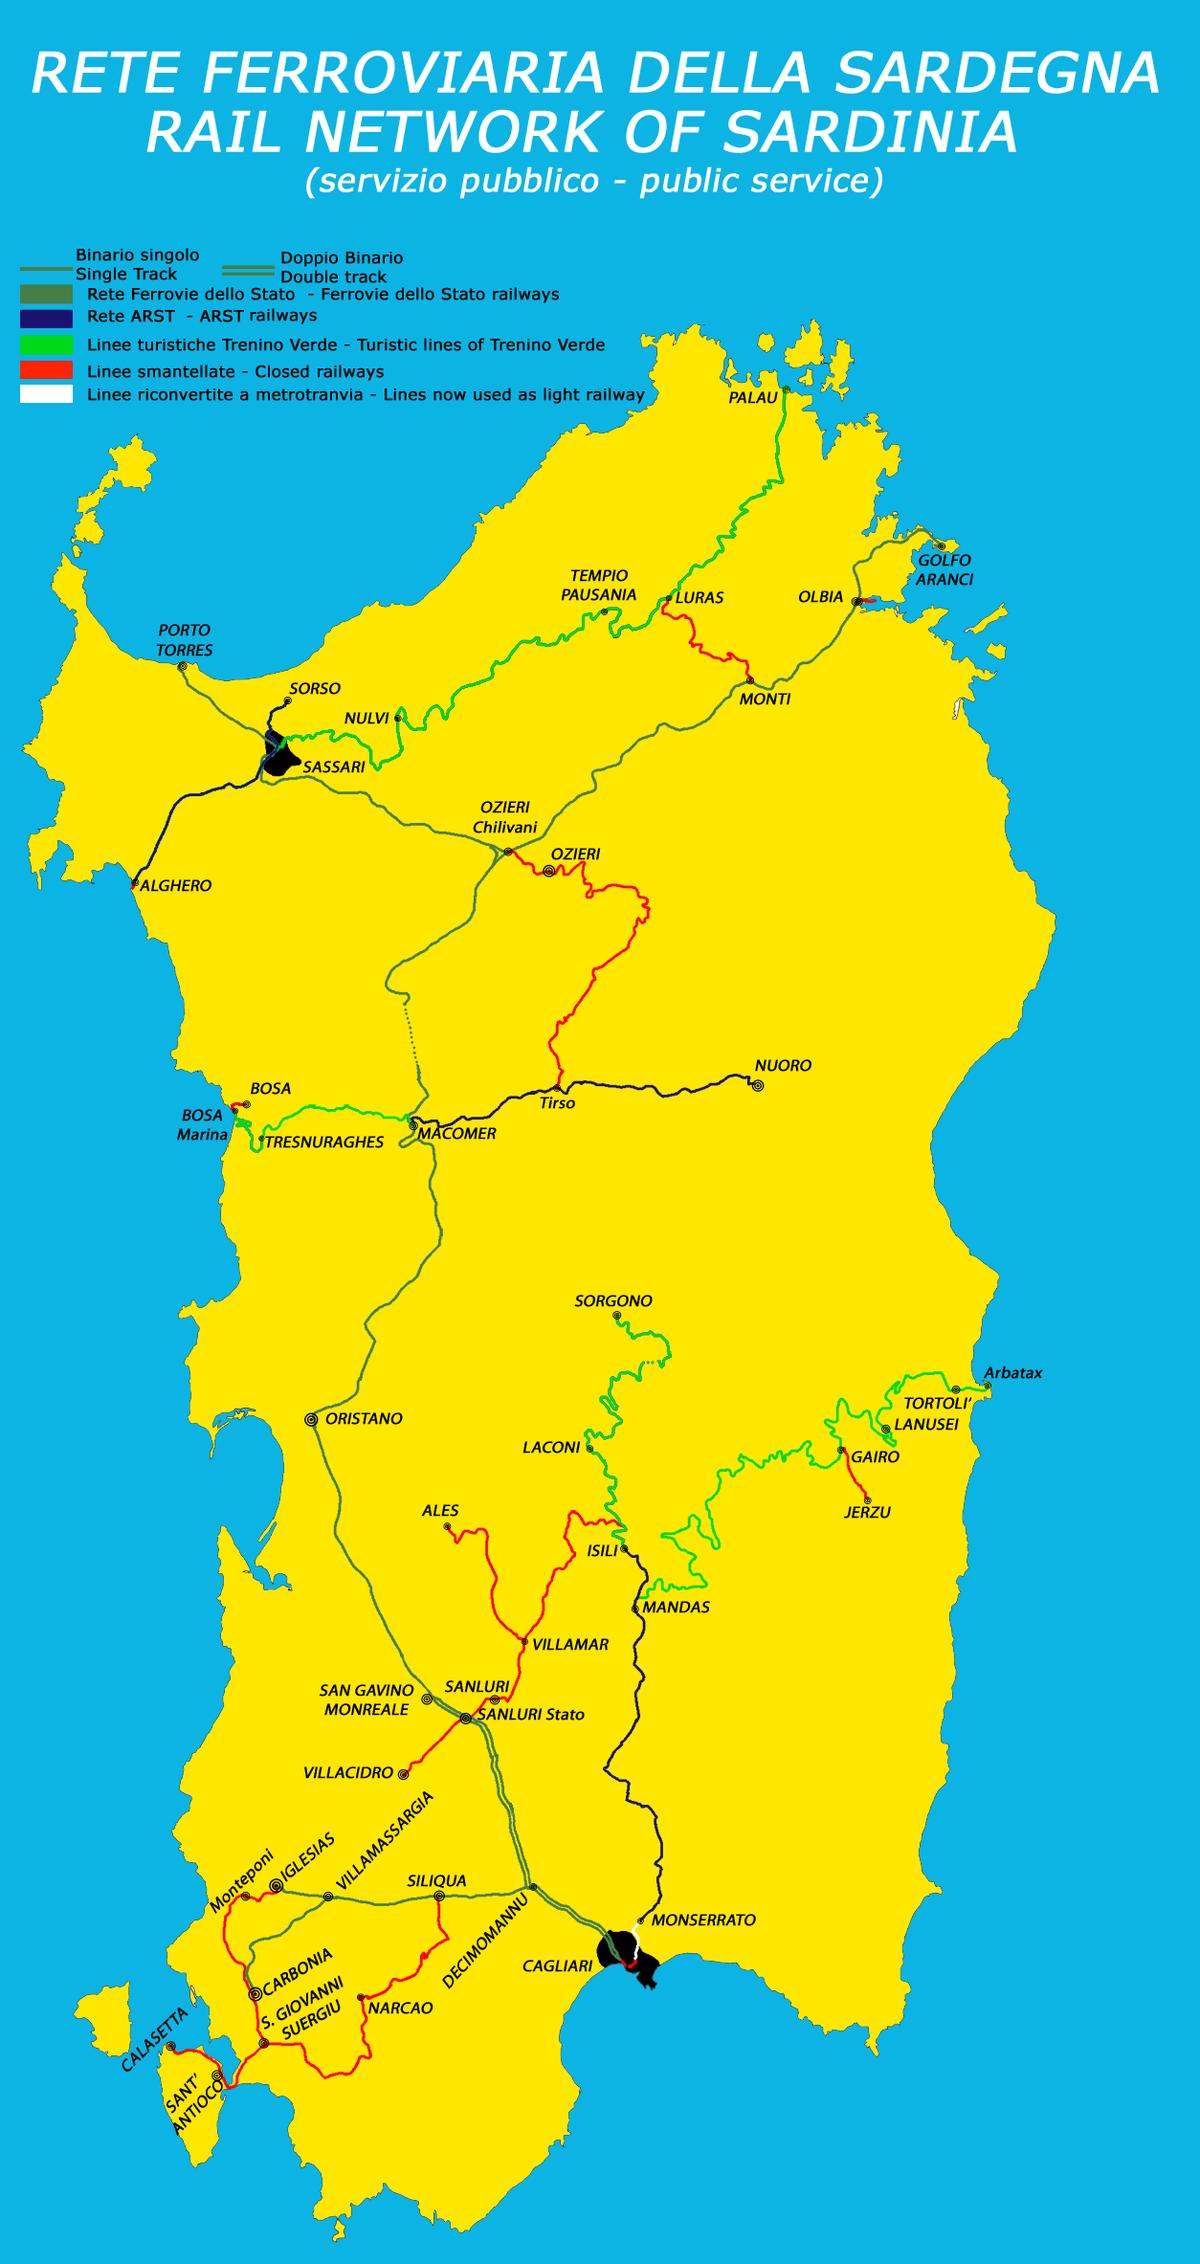 Ferrovie della Sardegna Wikipedia